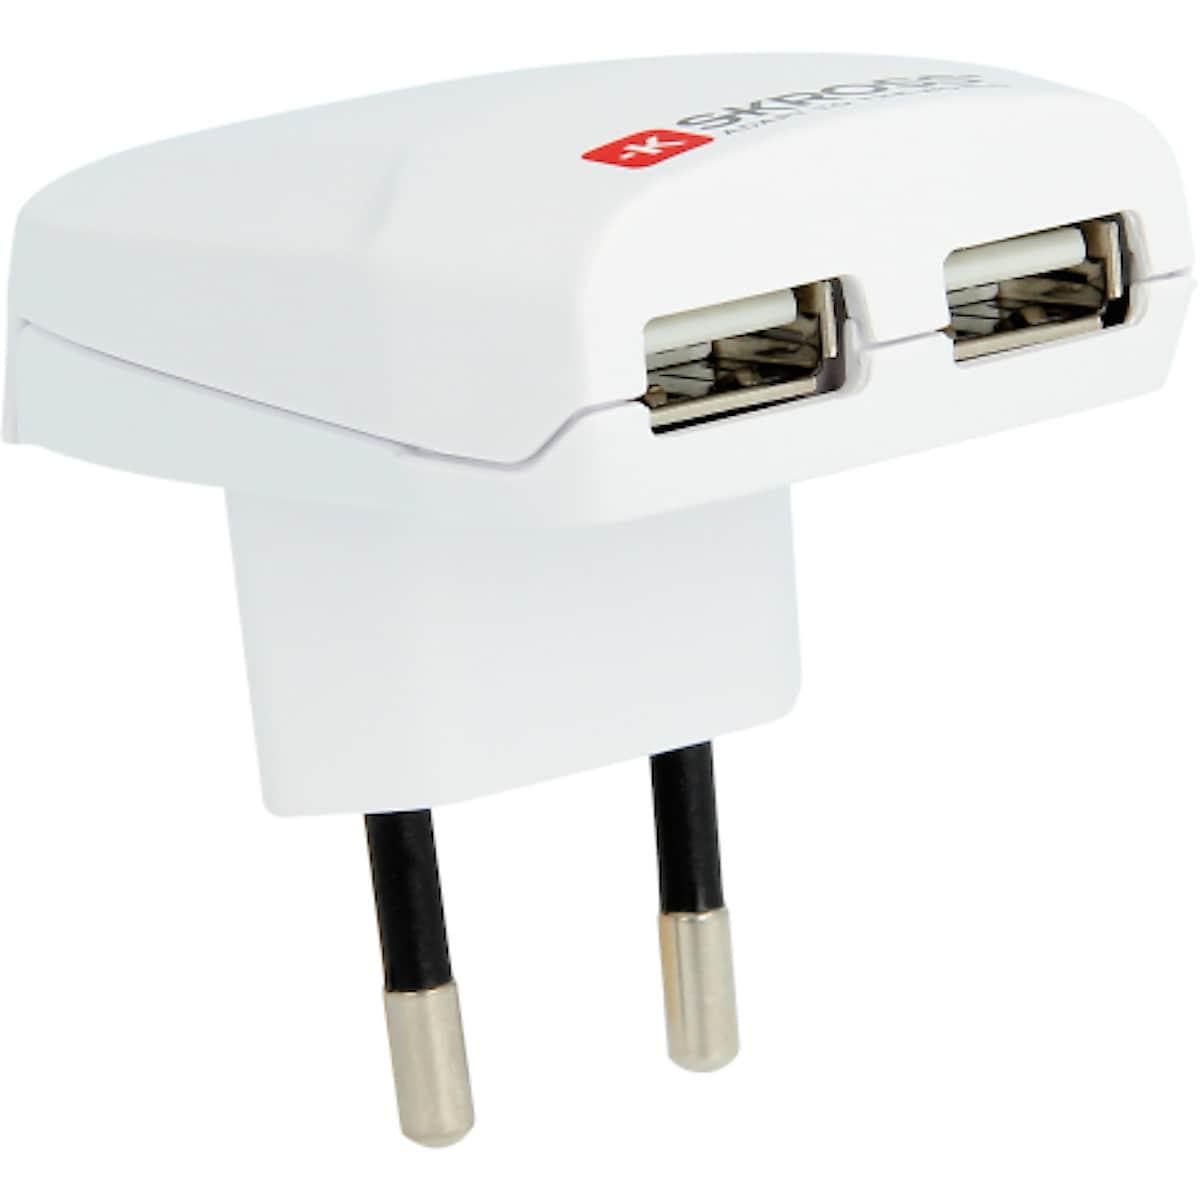 USB laddare med dubbla uttag, SKROSS | Clas Ohlson